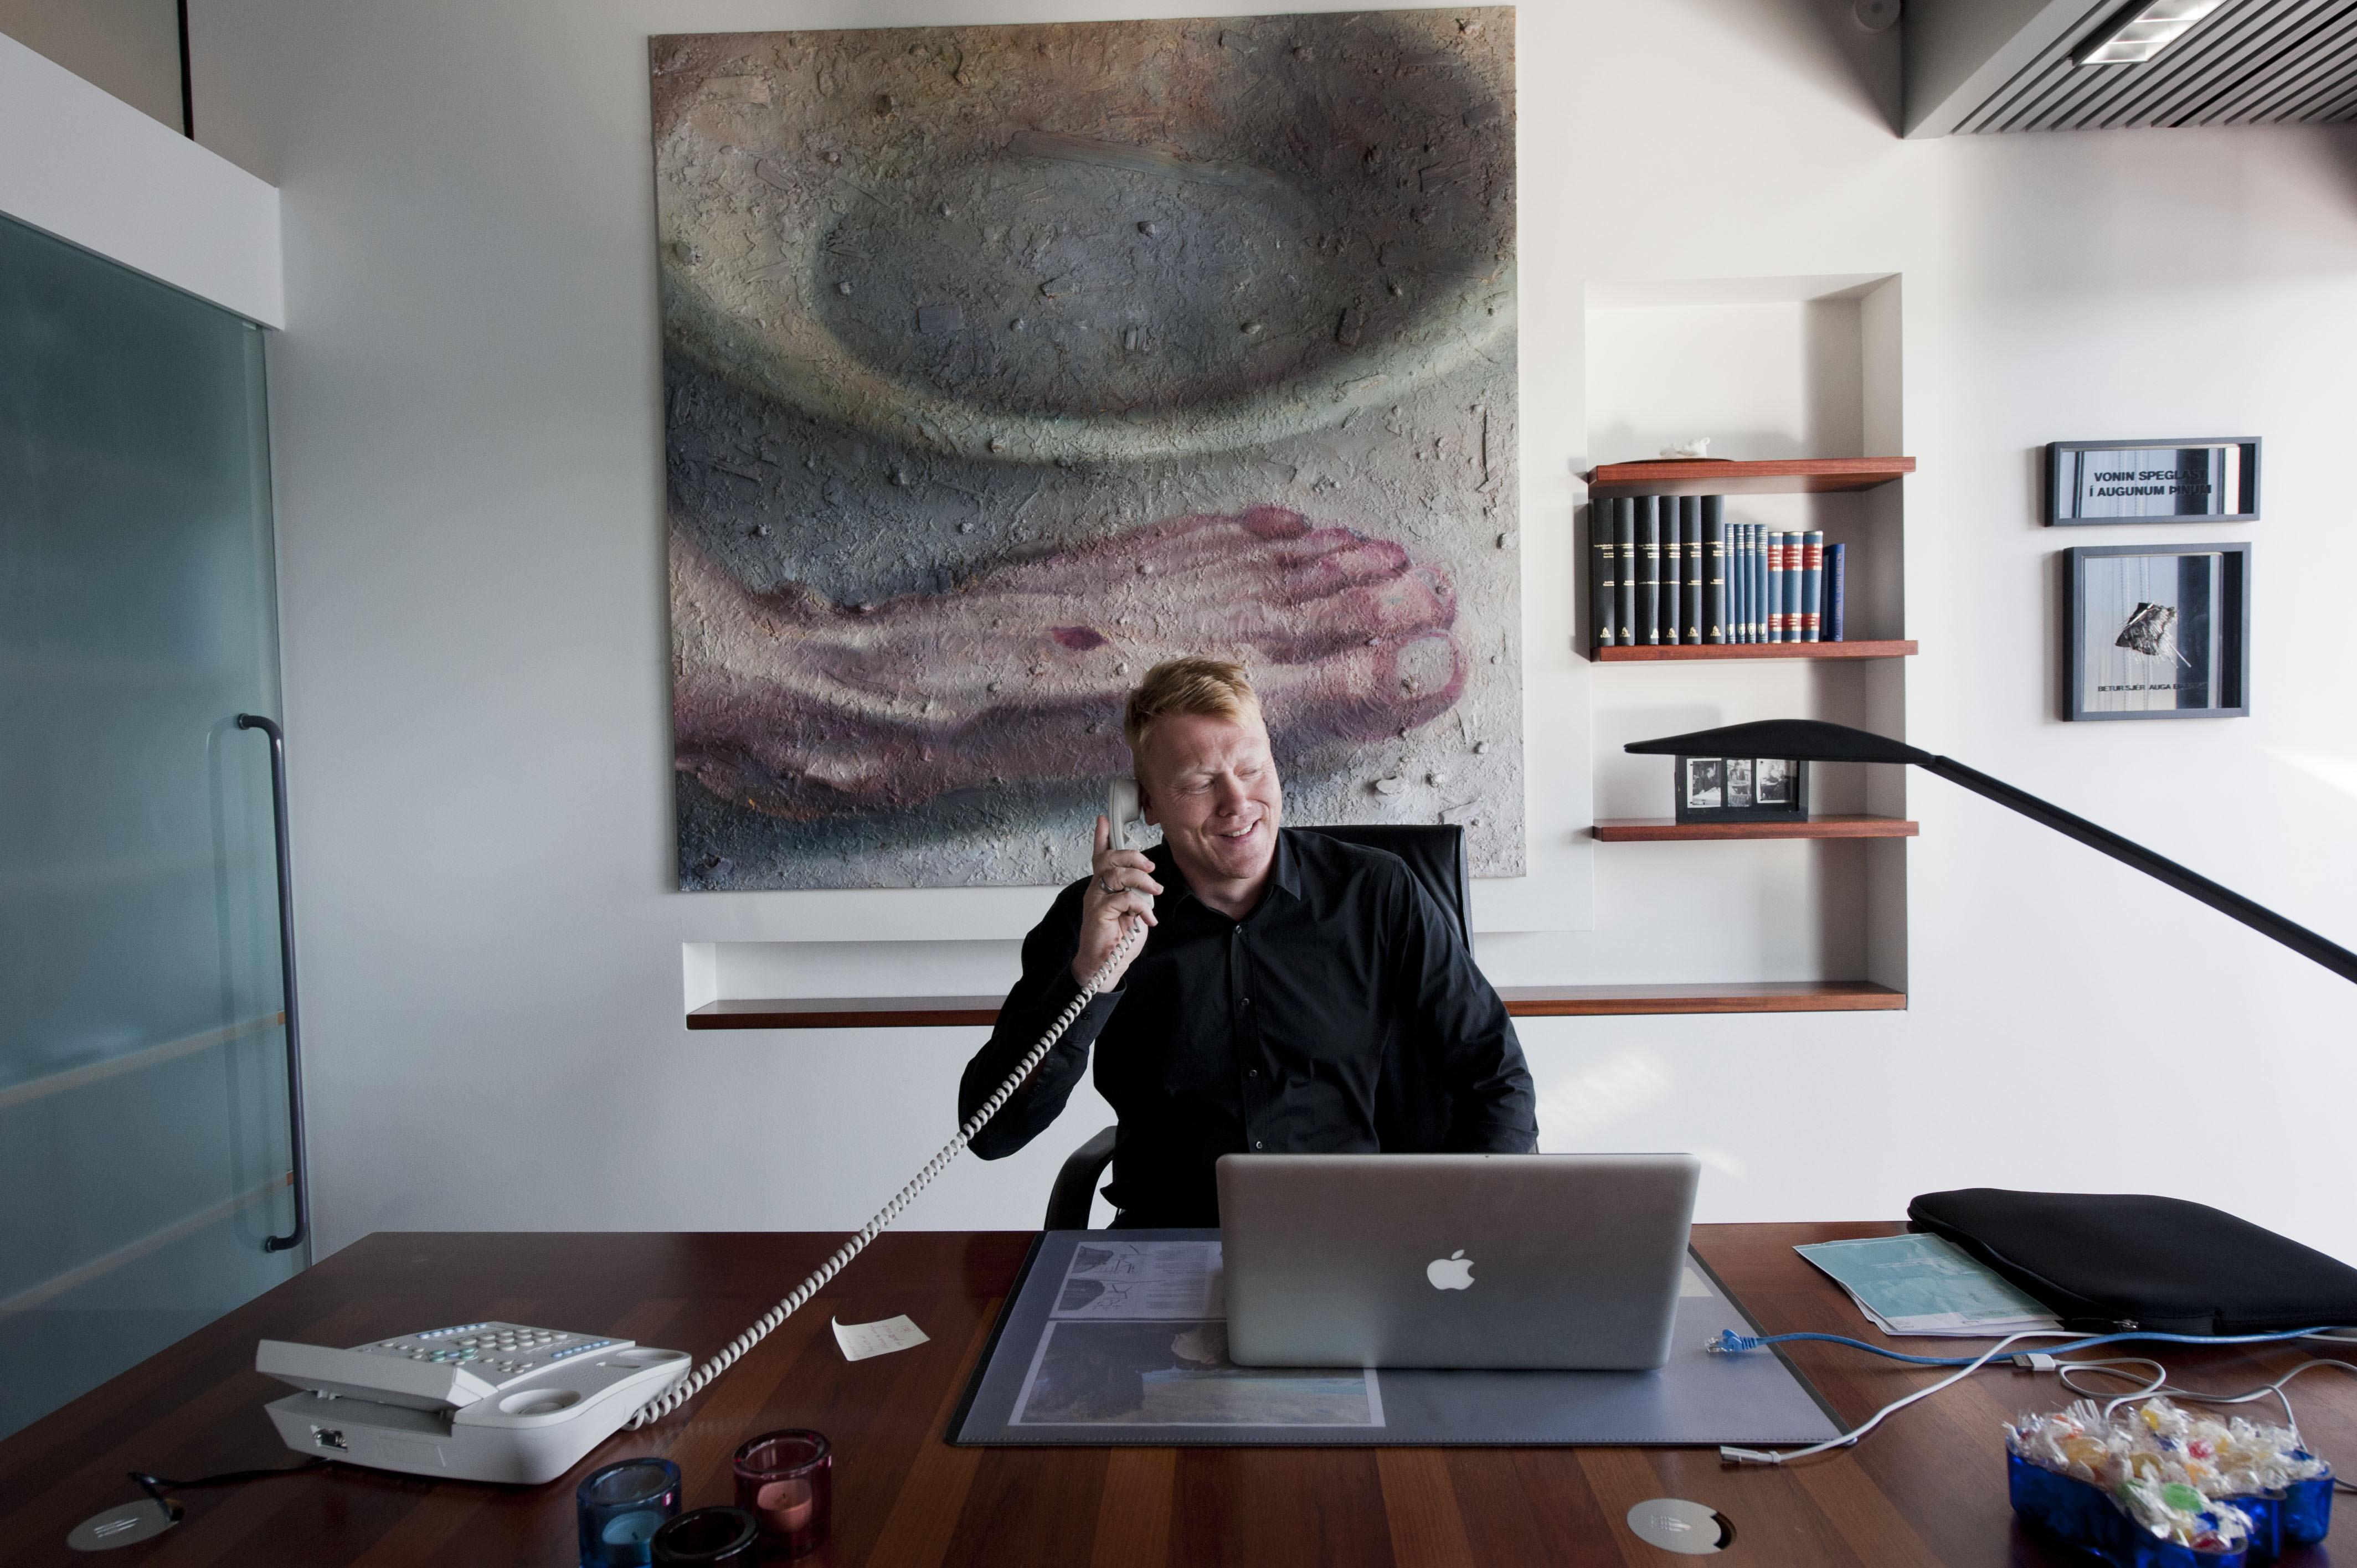 När tilliten försvann i Island blev komikern Jón Gnarr borgmästare